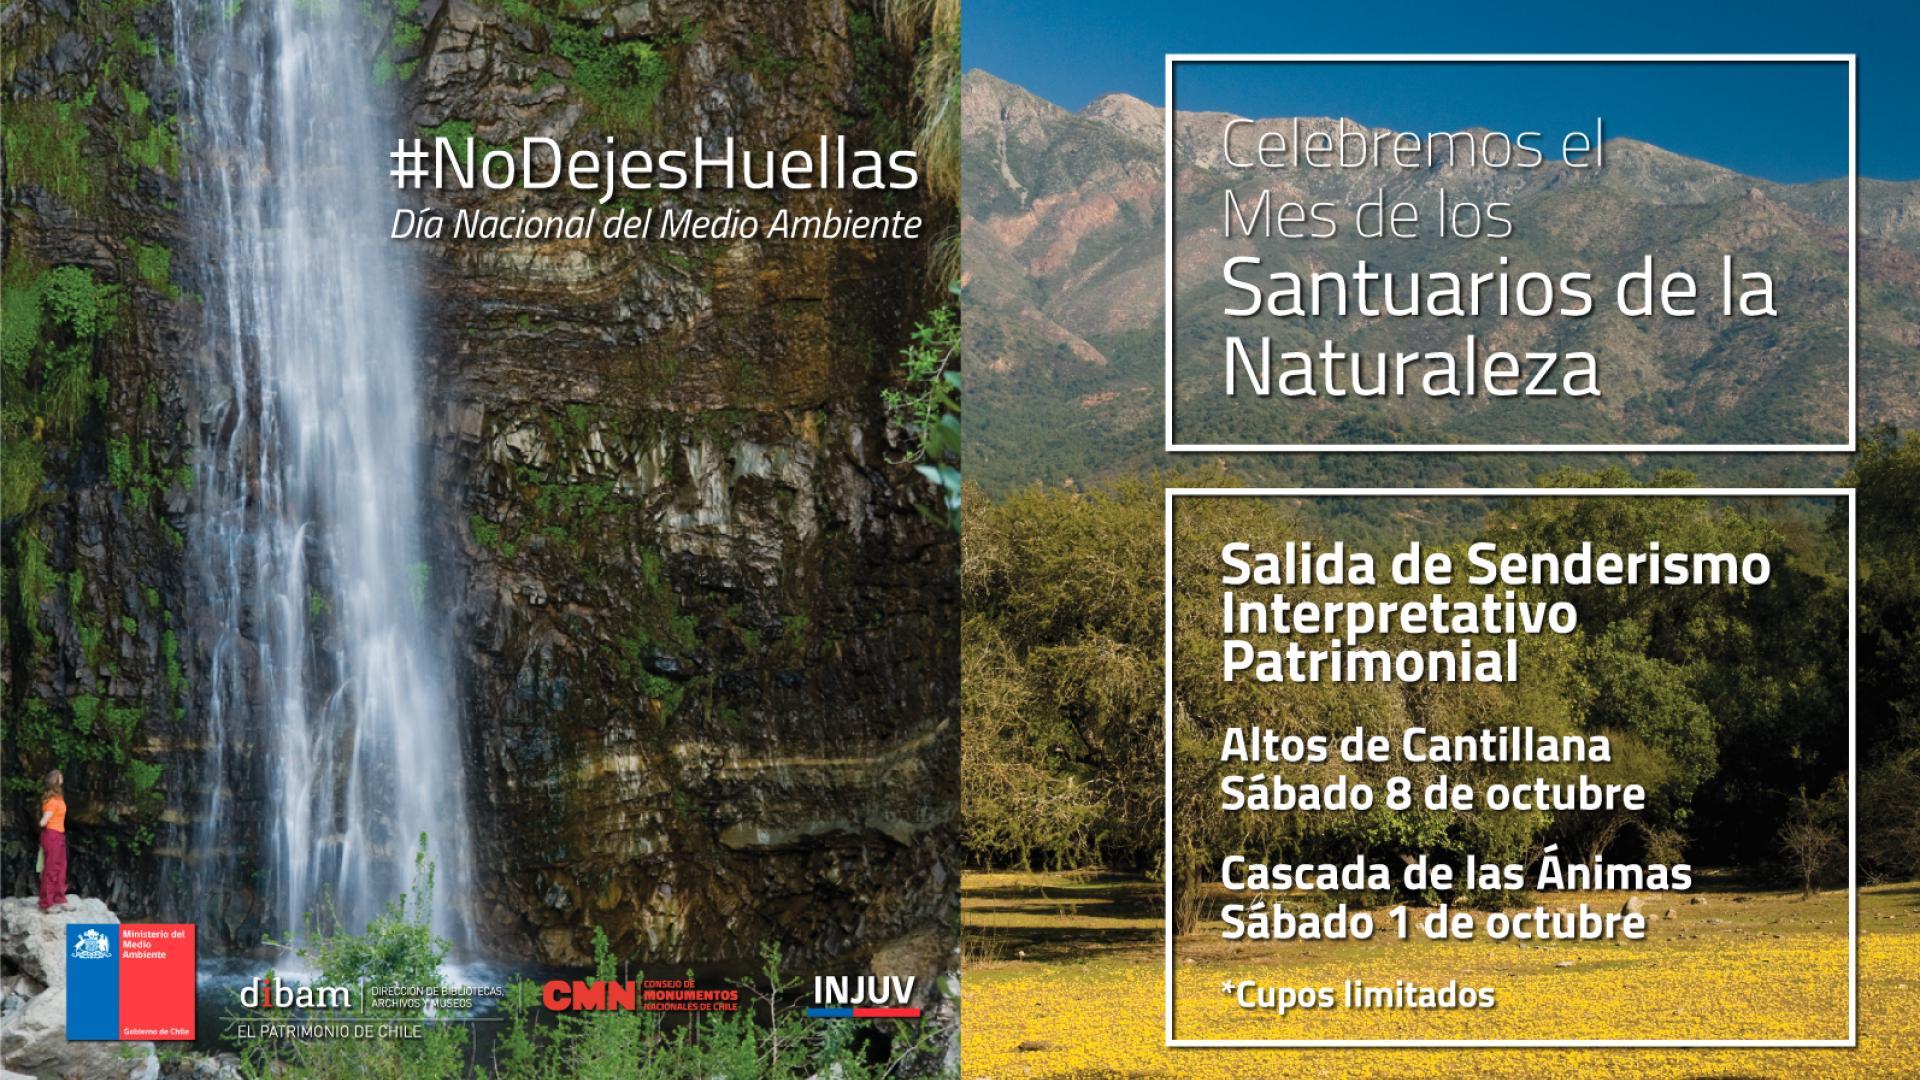 Imagen de CMN celebrara Mes de los Santuarios de la Naturaleza con visitas guiadas